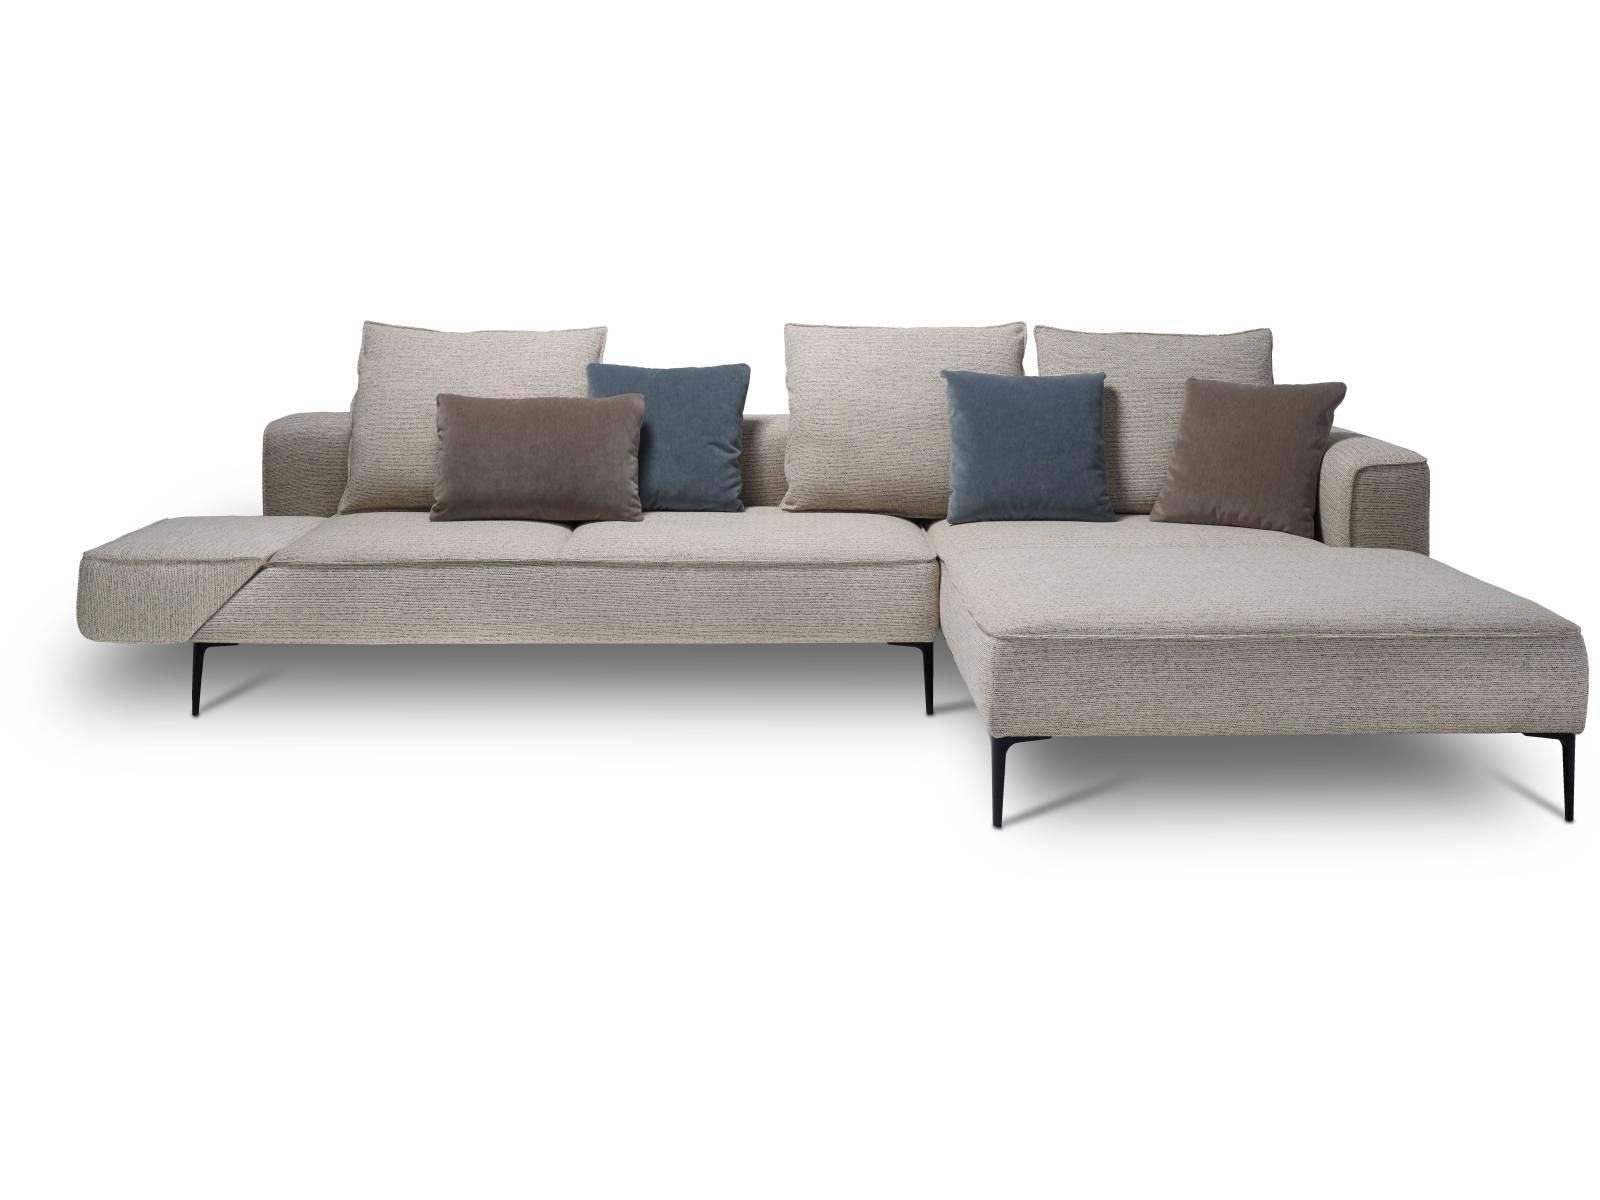 Möbel Details - Möbel Berger, Möbel, Polsterei und Bodenbeläge